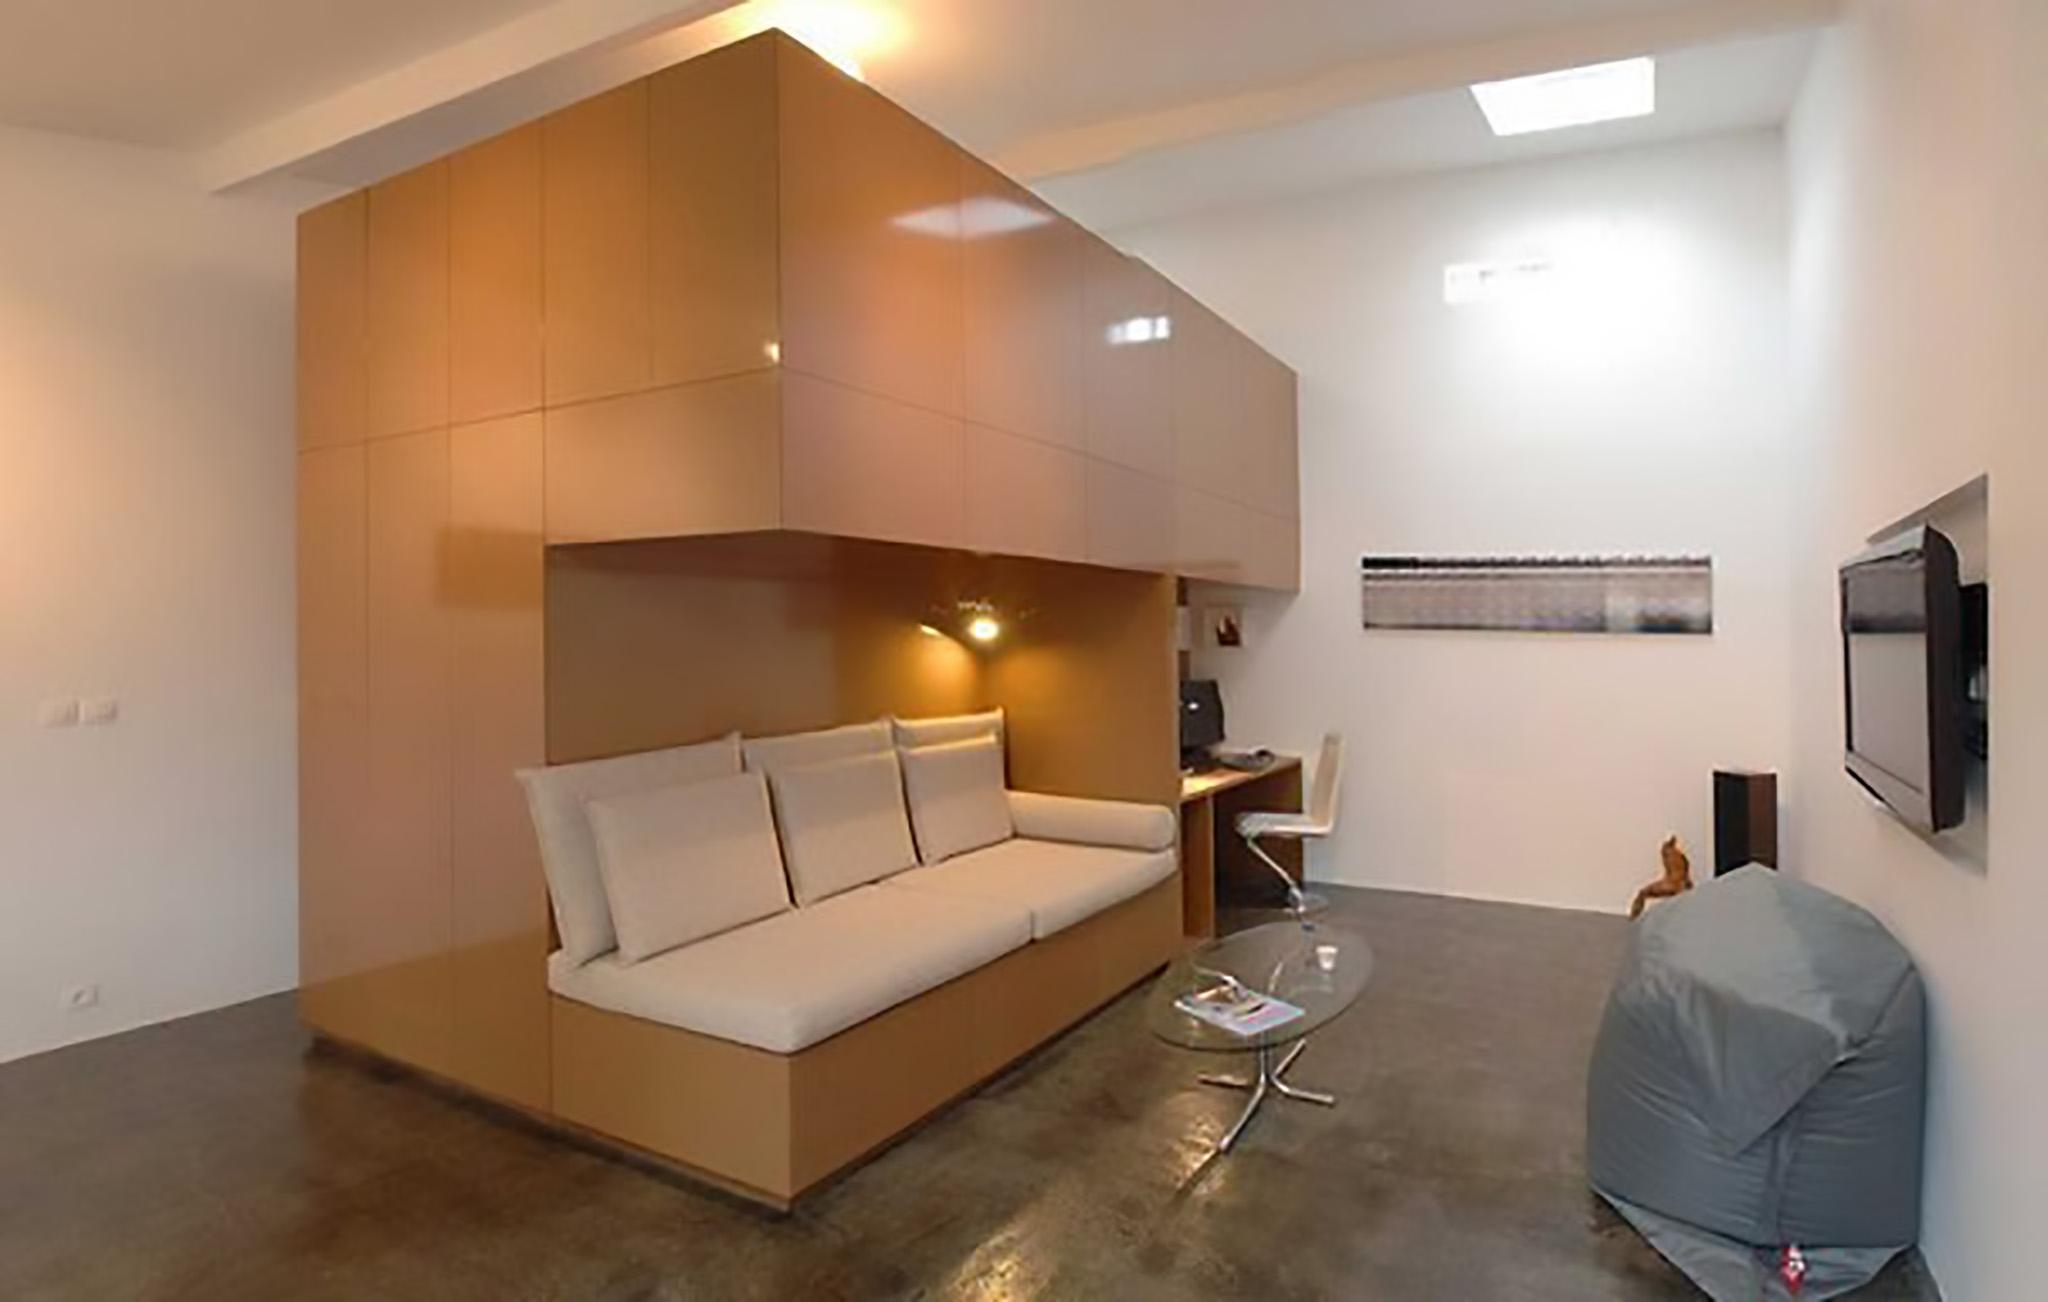 время, жилое помещение из гаража фото лодкой, катером